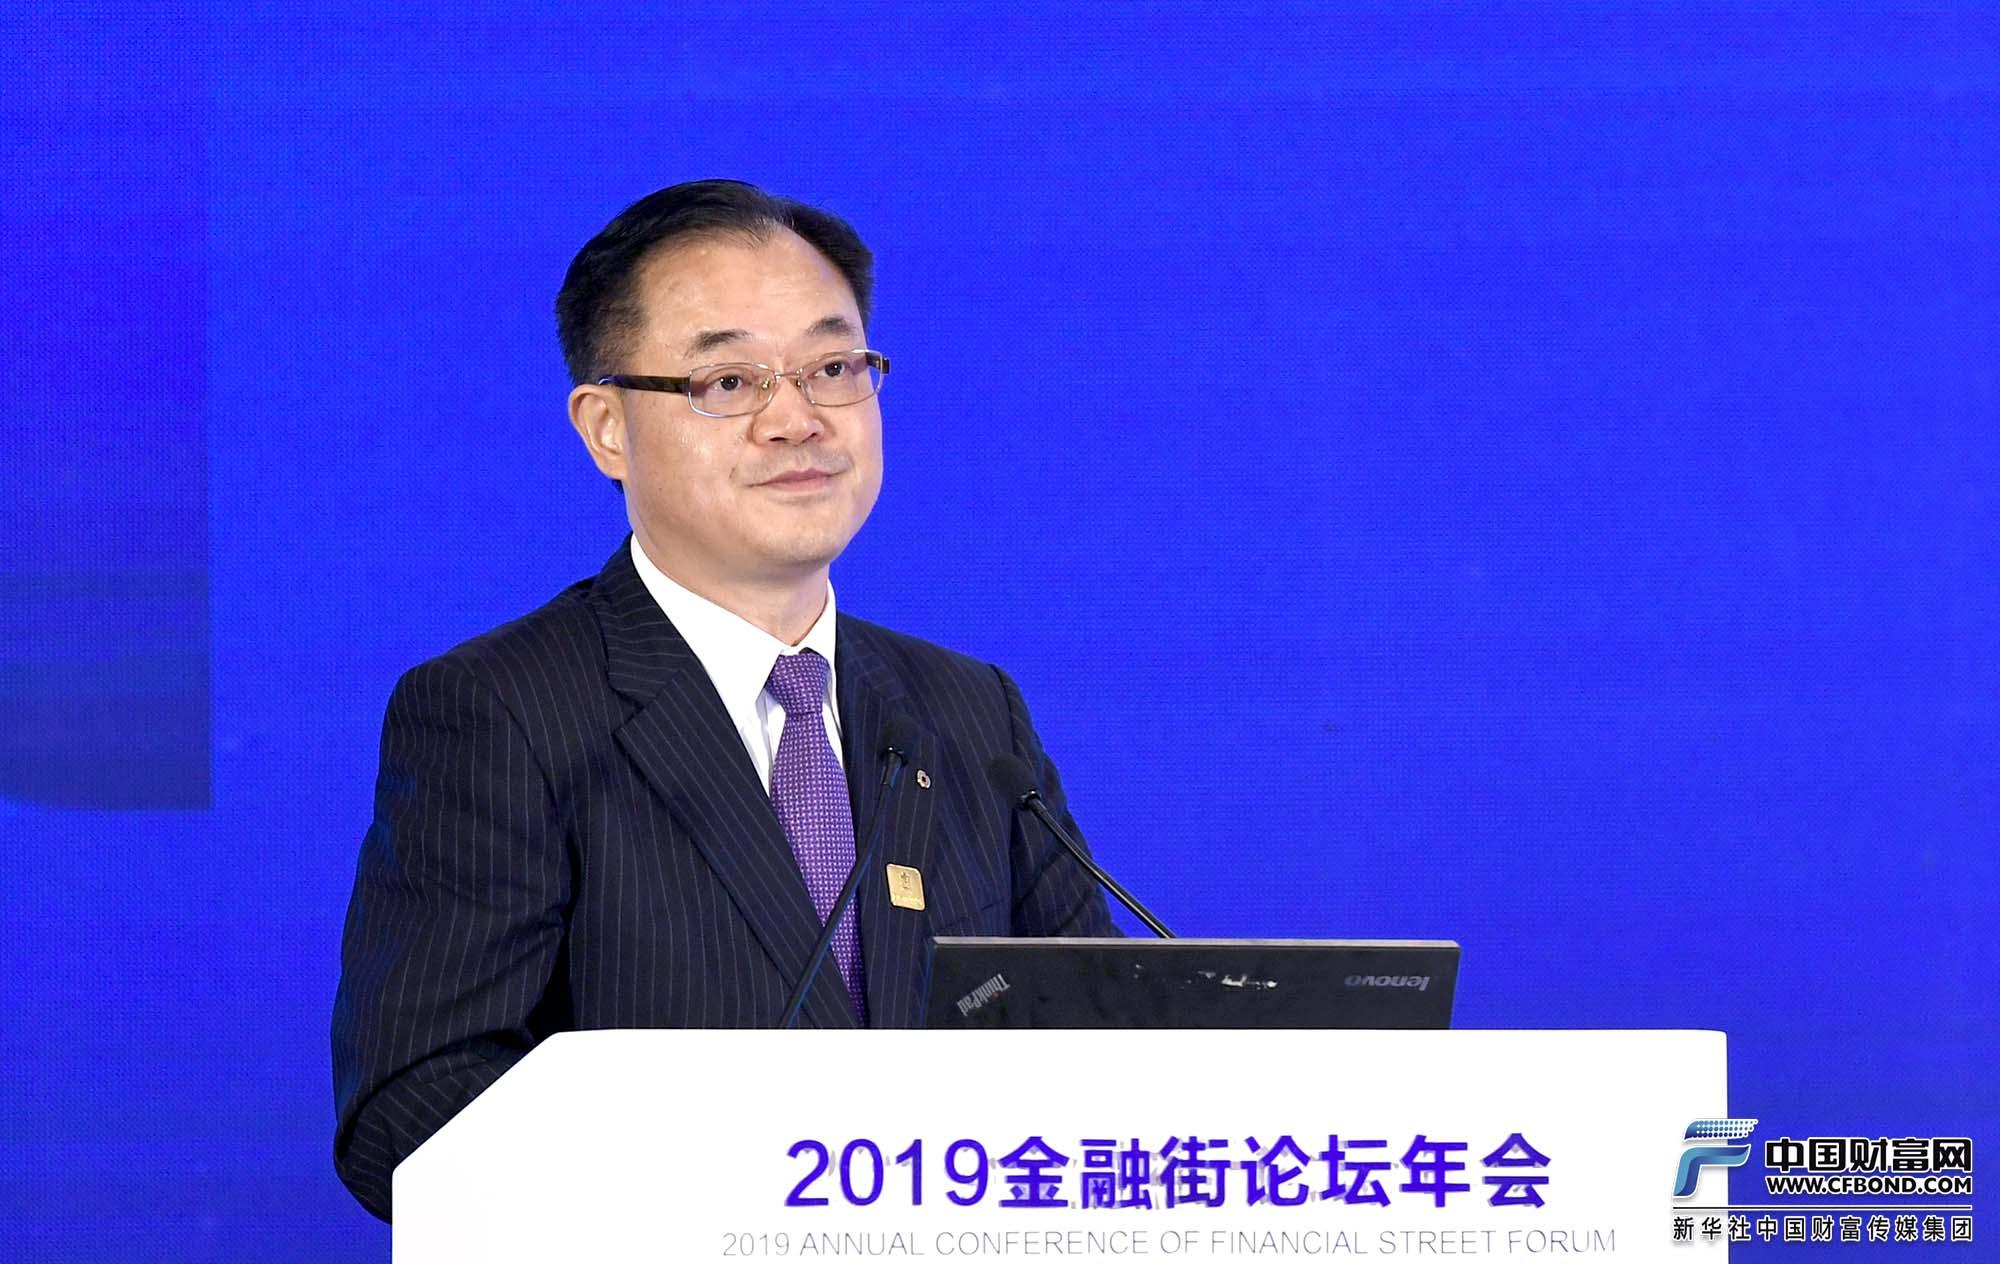 演讲嘉宾:中国建设银行行长刘桂平